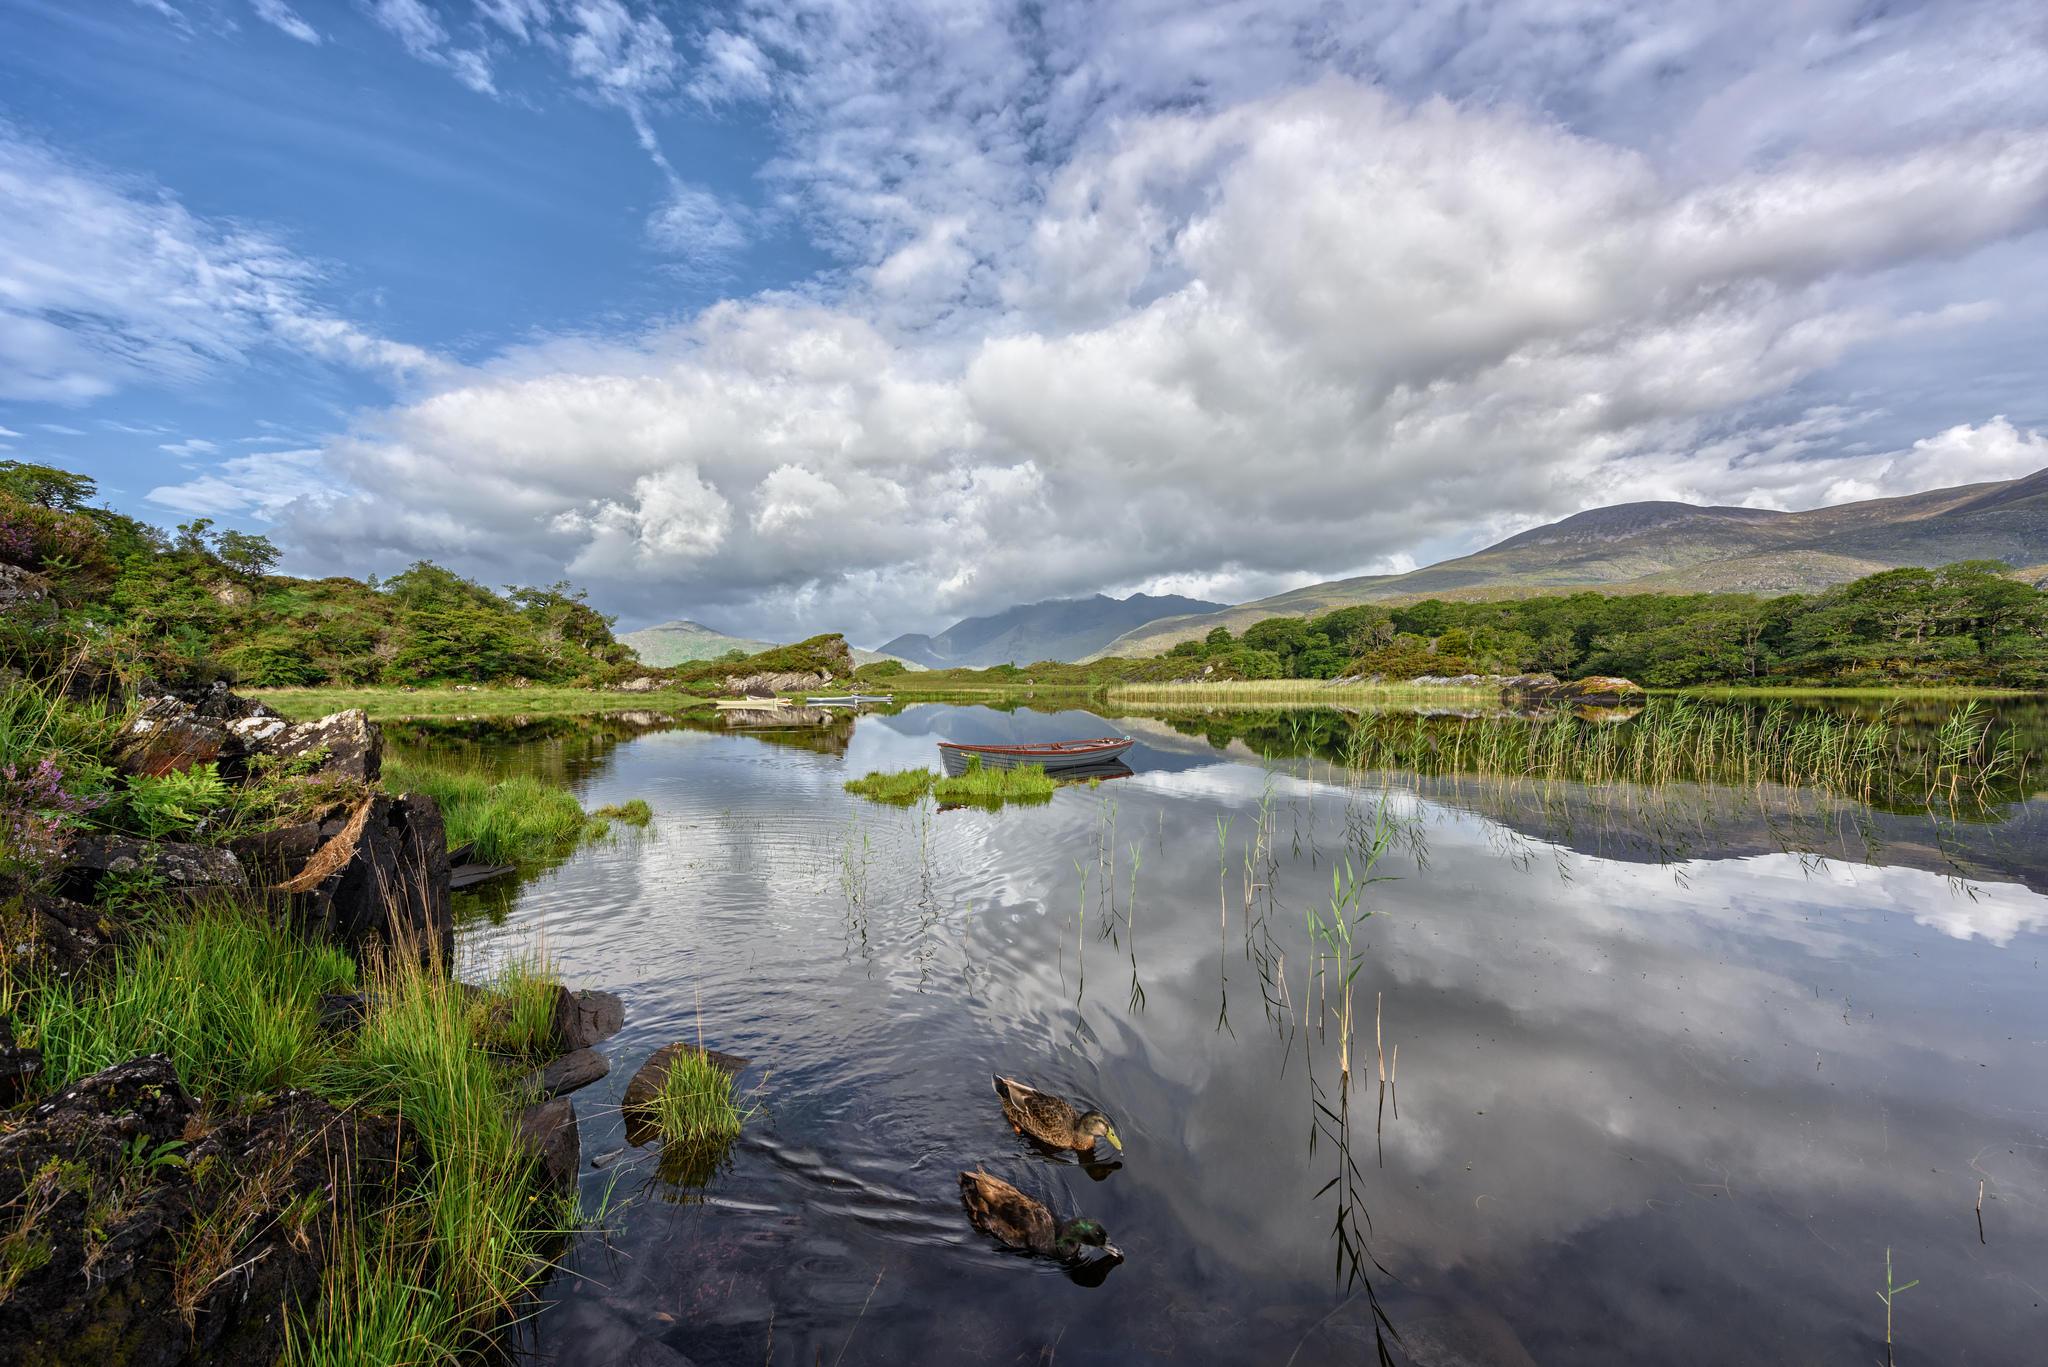 Обои Верхнее озеро, Национальный лес Килларни, королевство Керри, Ирландия